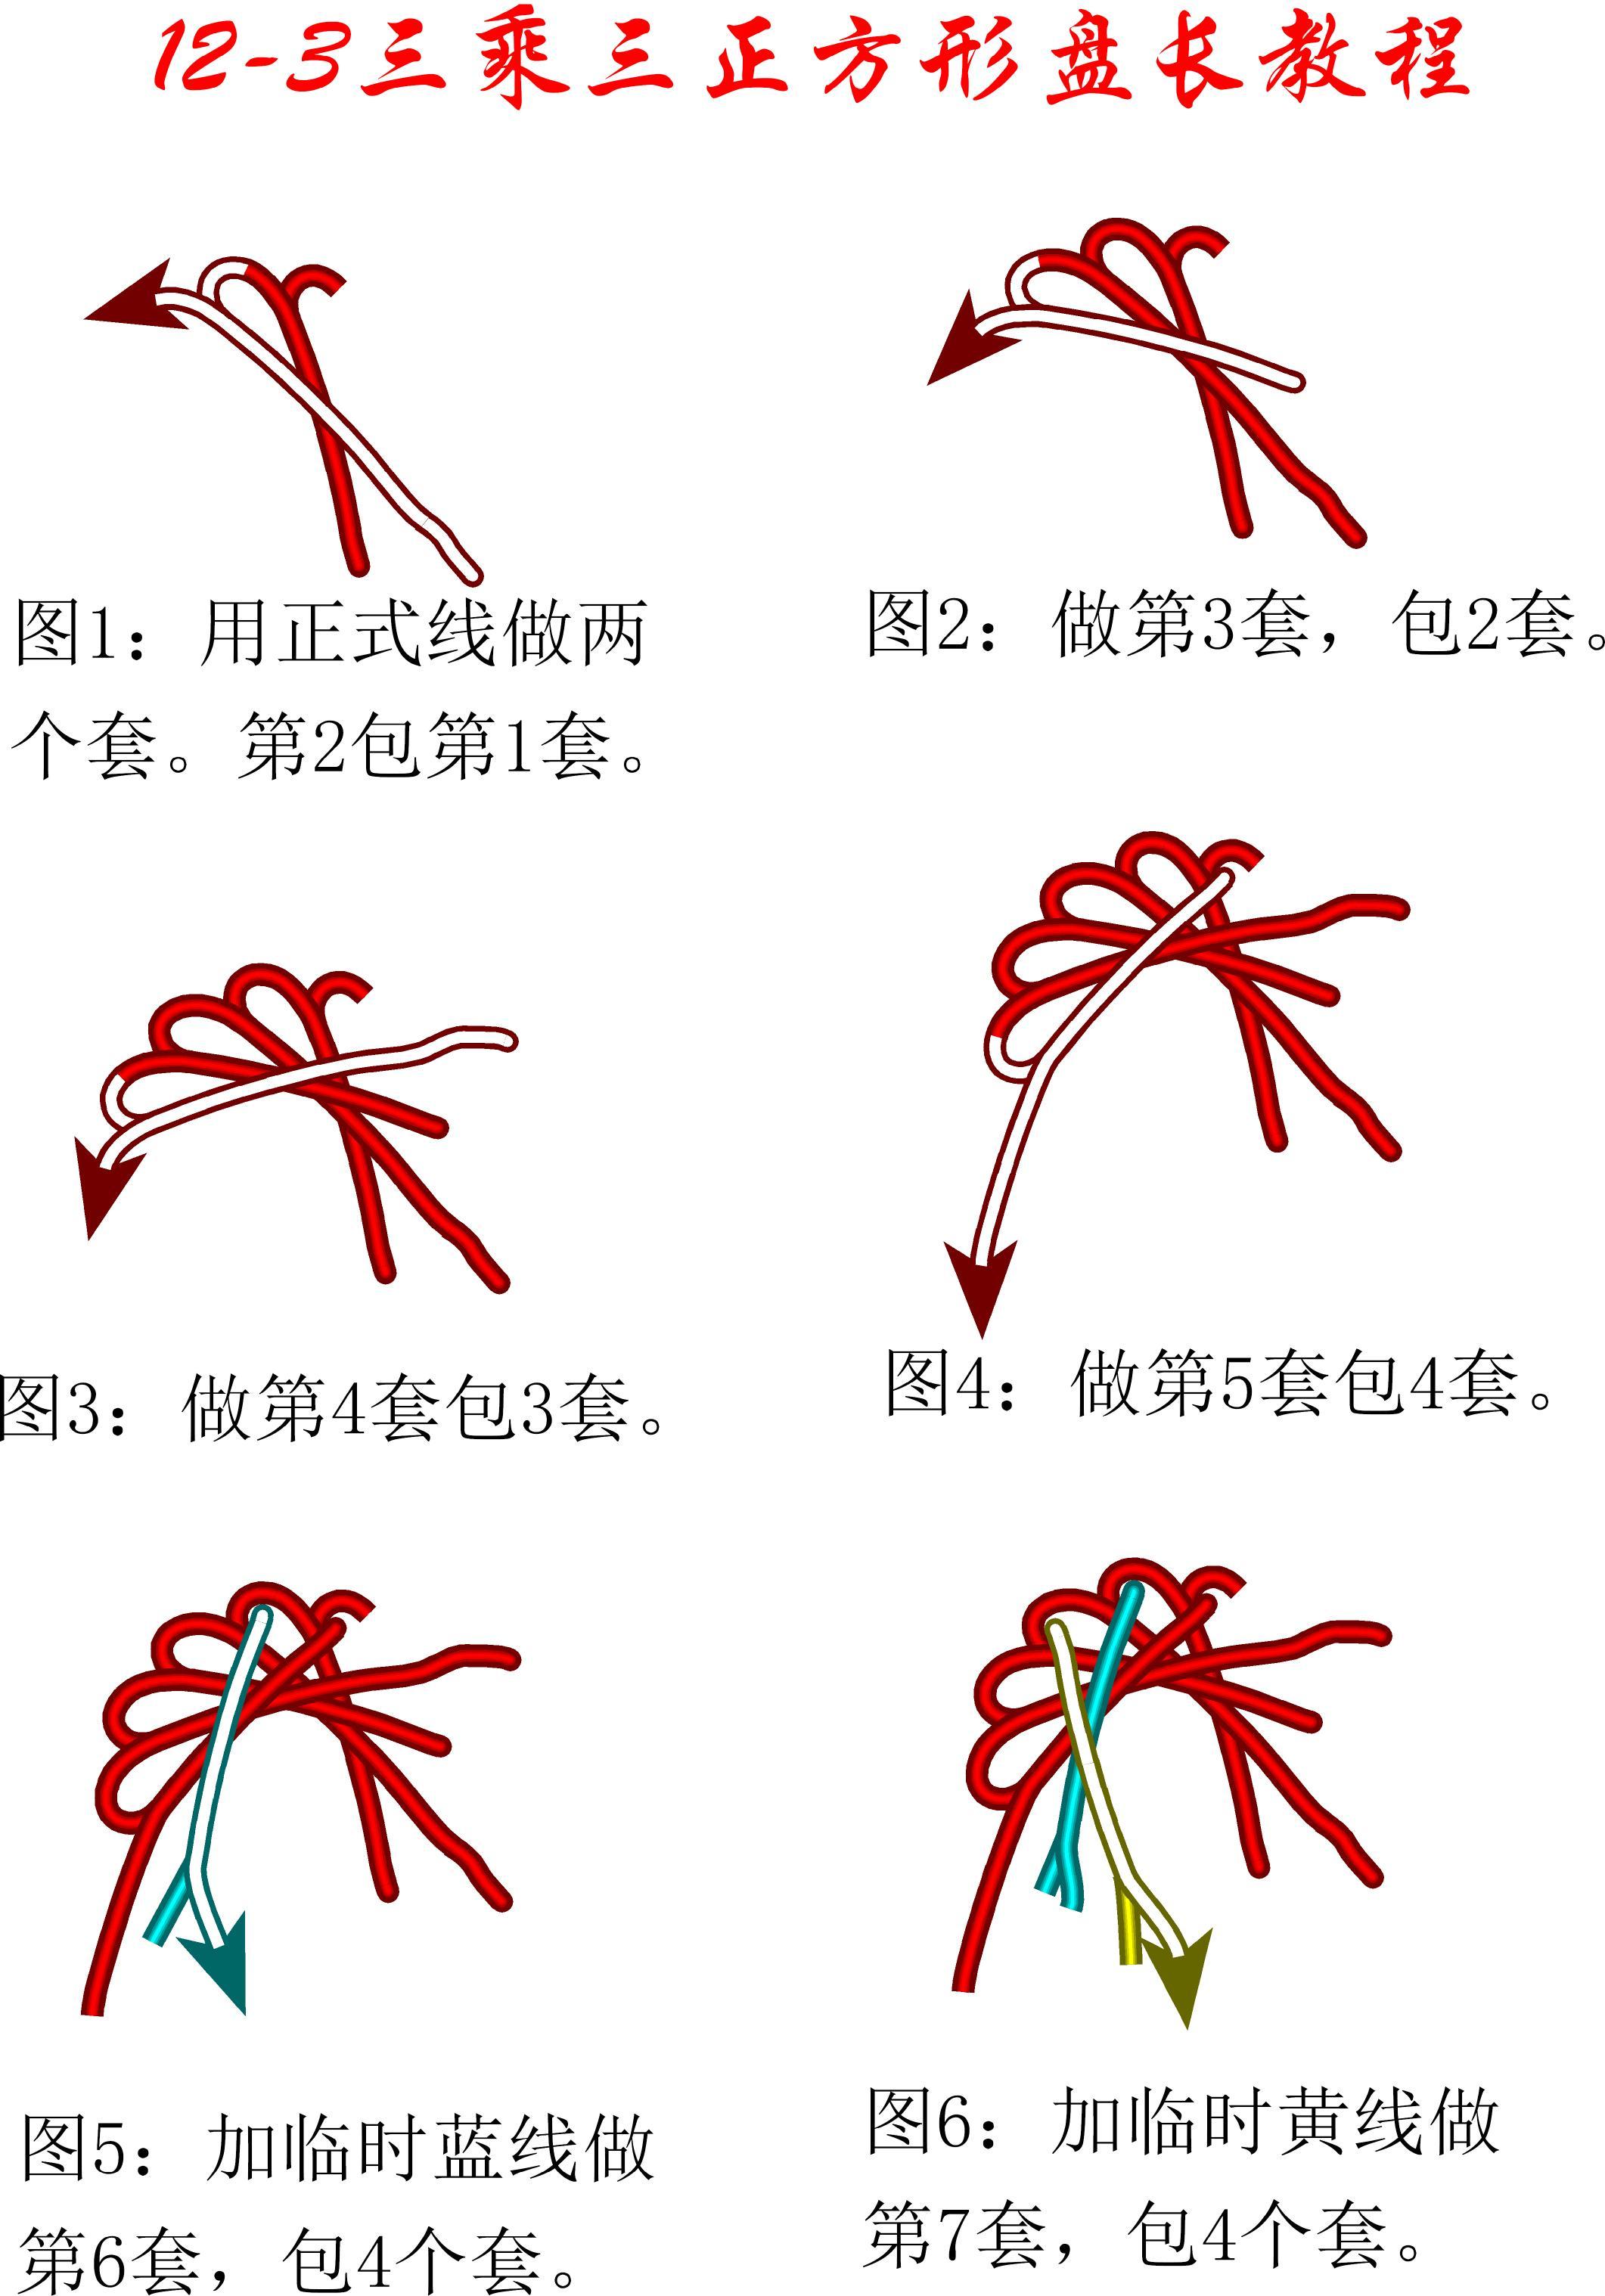 中国结论坛 12-3盘长平行扩展方法---3乘3方形盘长 方形,方形脸怎么办 丑丑徒手编结 093105dvt8okv6jz0k6v2y